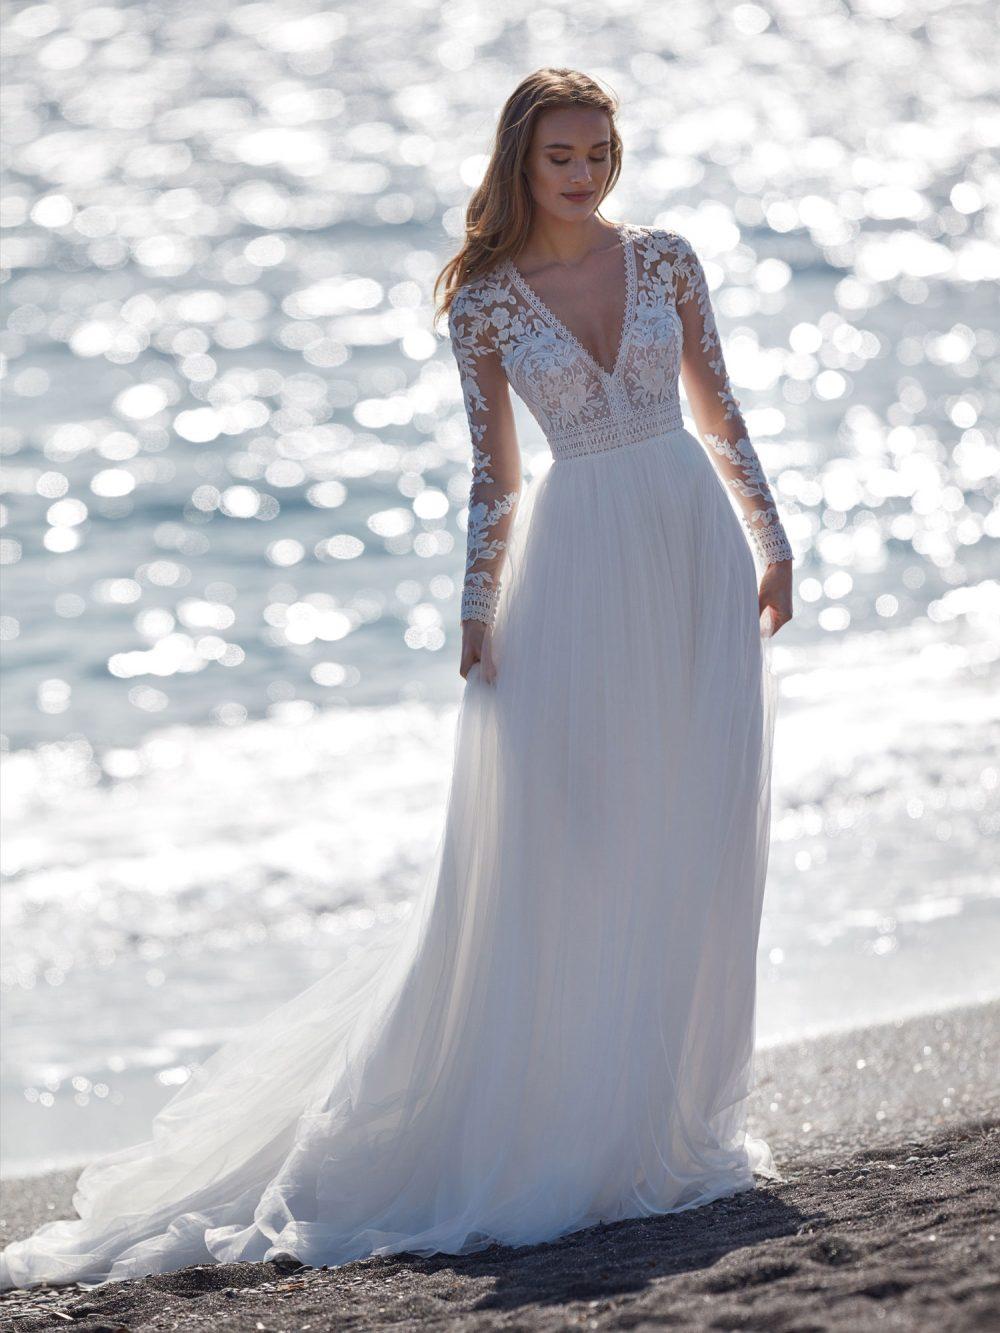 Nicole 2022 abito vestito sposa Vicenza JUMALA